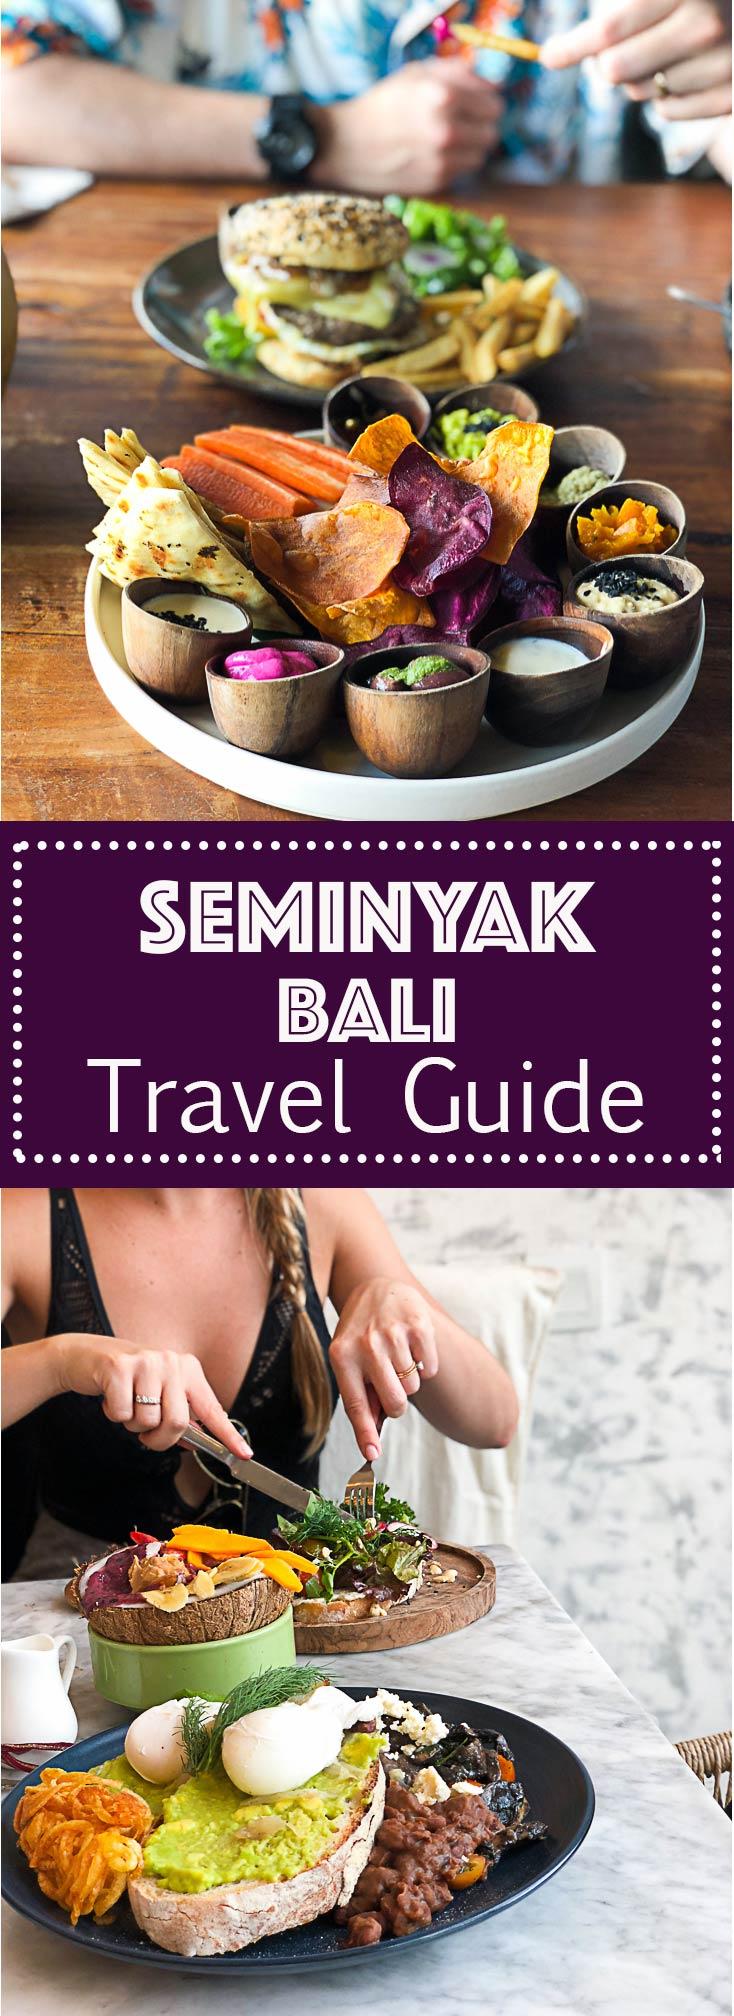 Seminyak-Travel-Guide.jpg